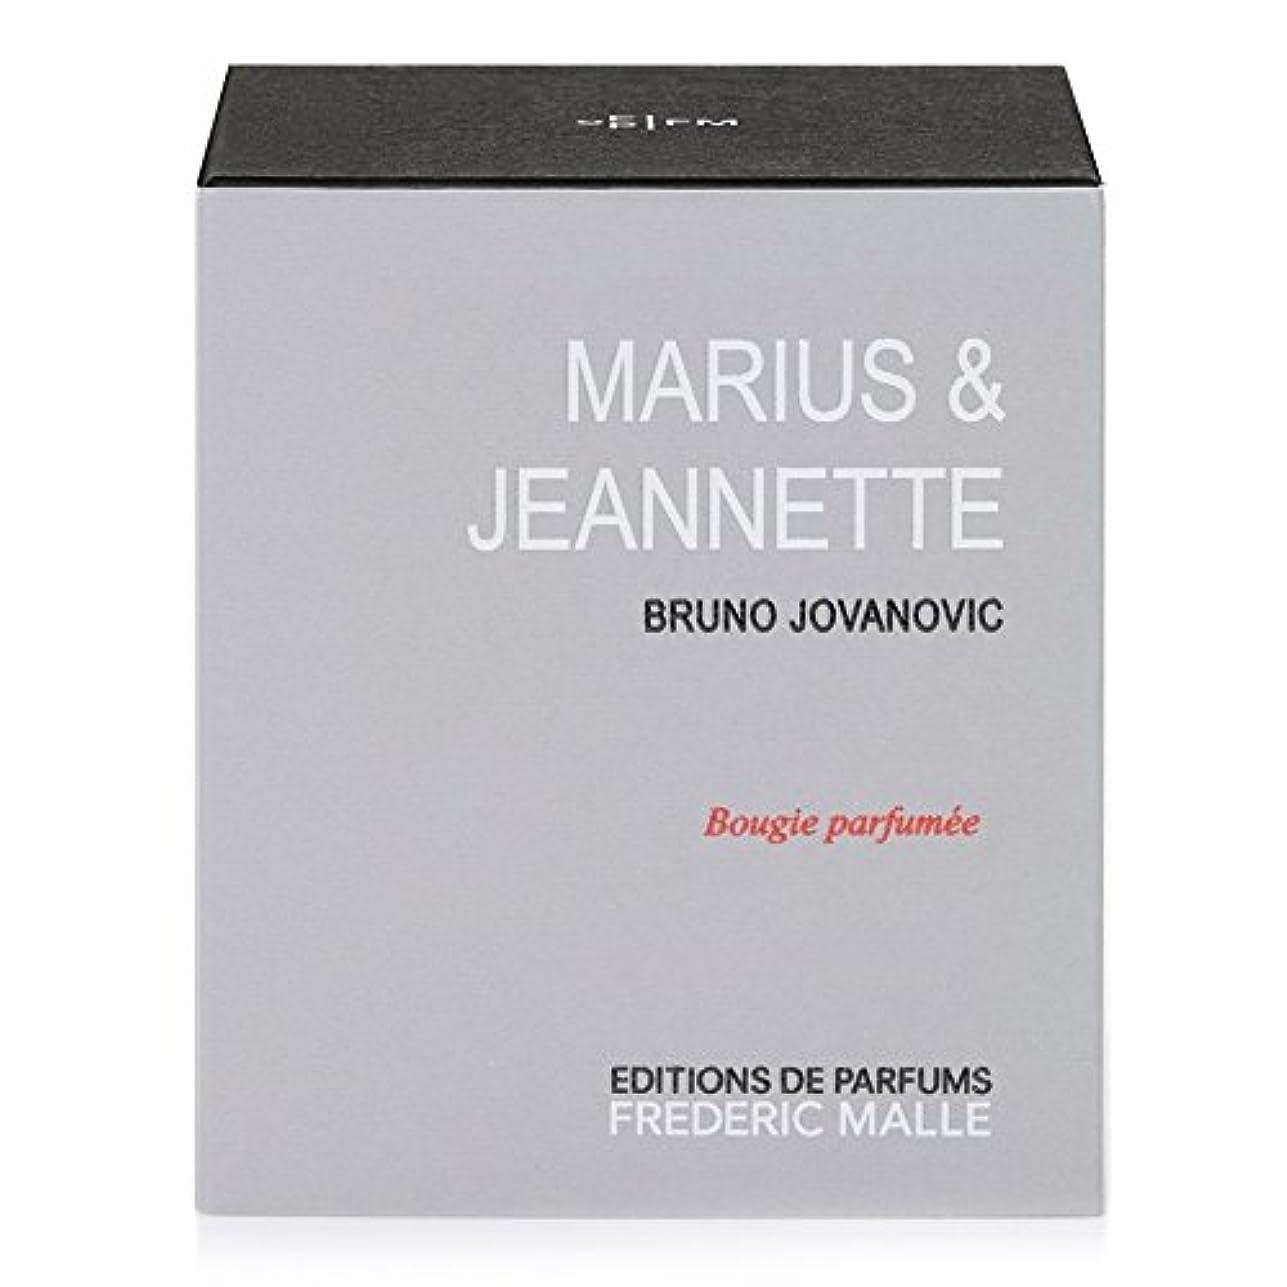 独特のヘッジ怠けたFrederic Malle Maruis and Jeanette Scented Candle - フレデリック?マル とジャネット?香りのキャンドル [並行輸入品]